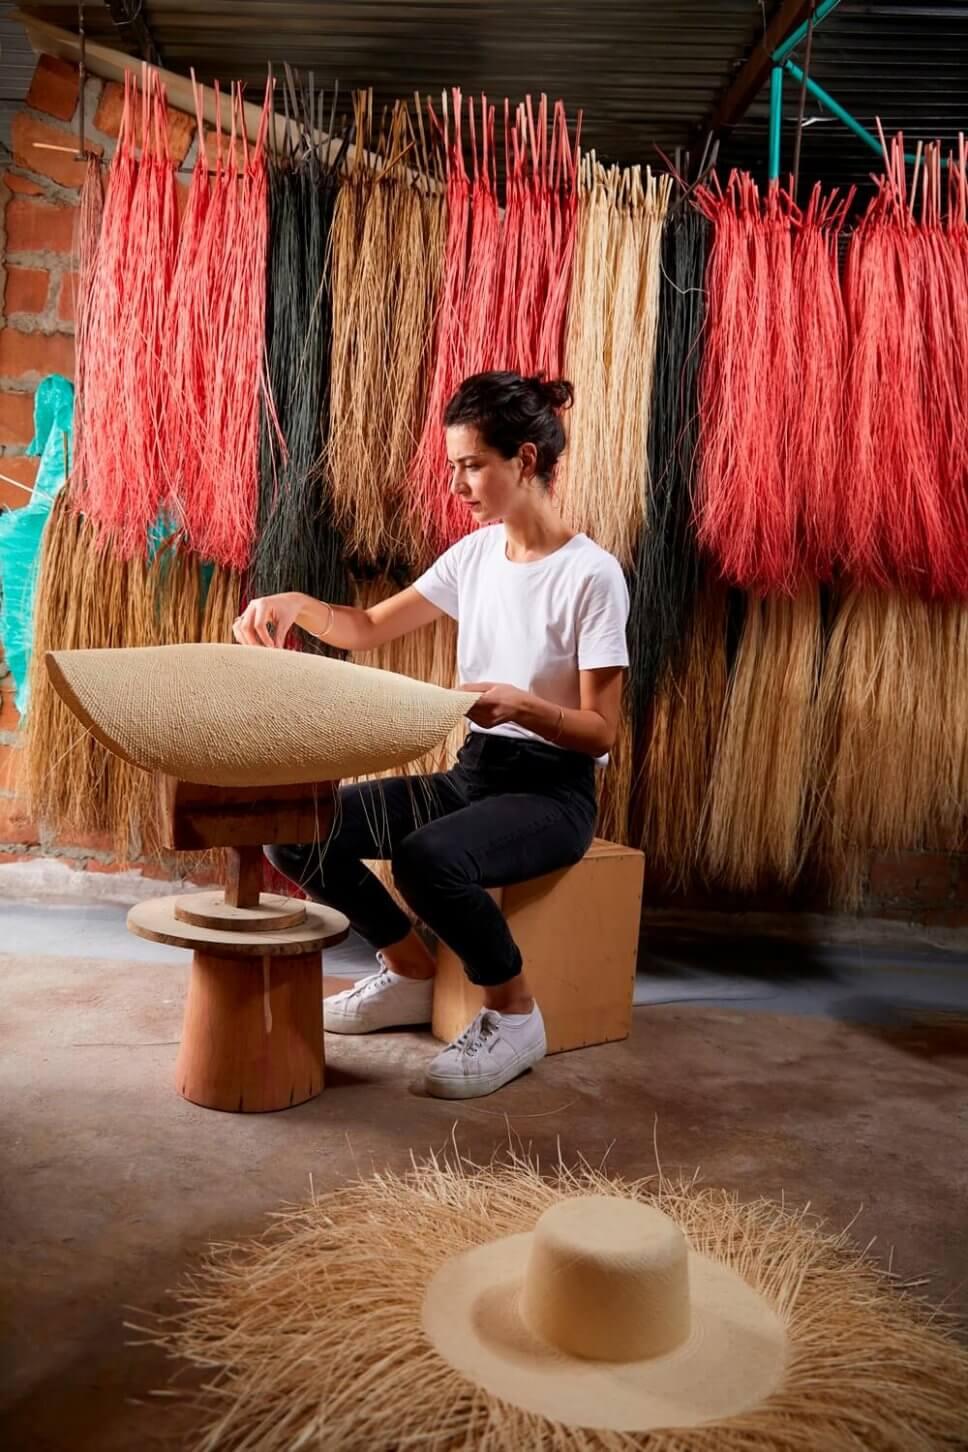 Designerin Pauline Deltour arbeitet in Kolumbien an einem Rohling eines Panama-Hutes. An der Wand hinter ihr hängen zu Bündeln gebundene Fasern der Iraca-Palme